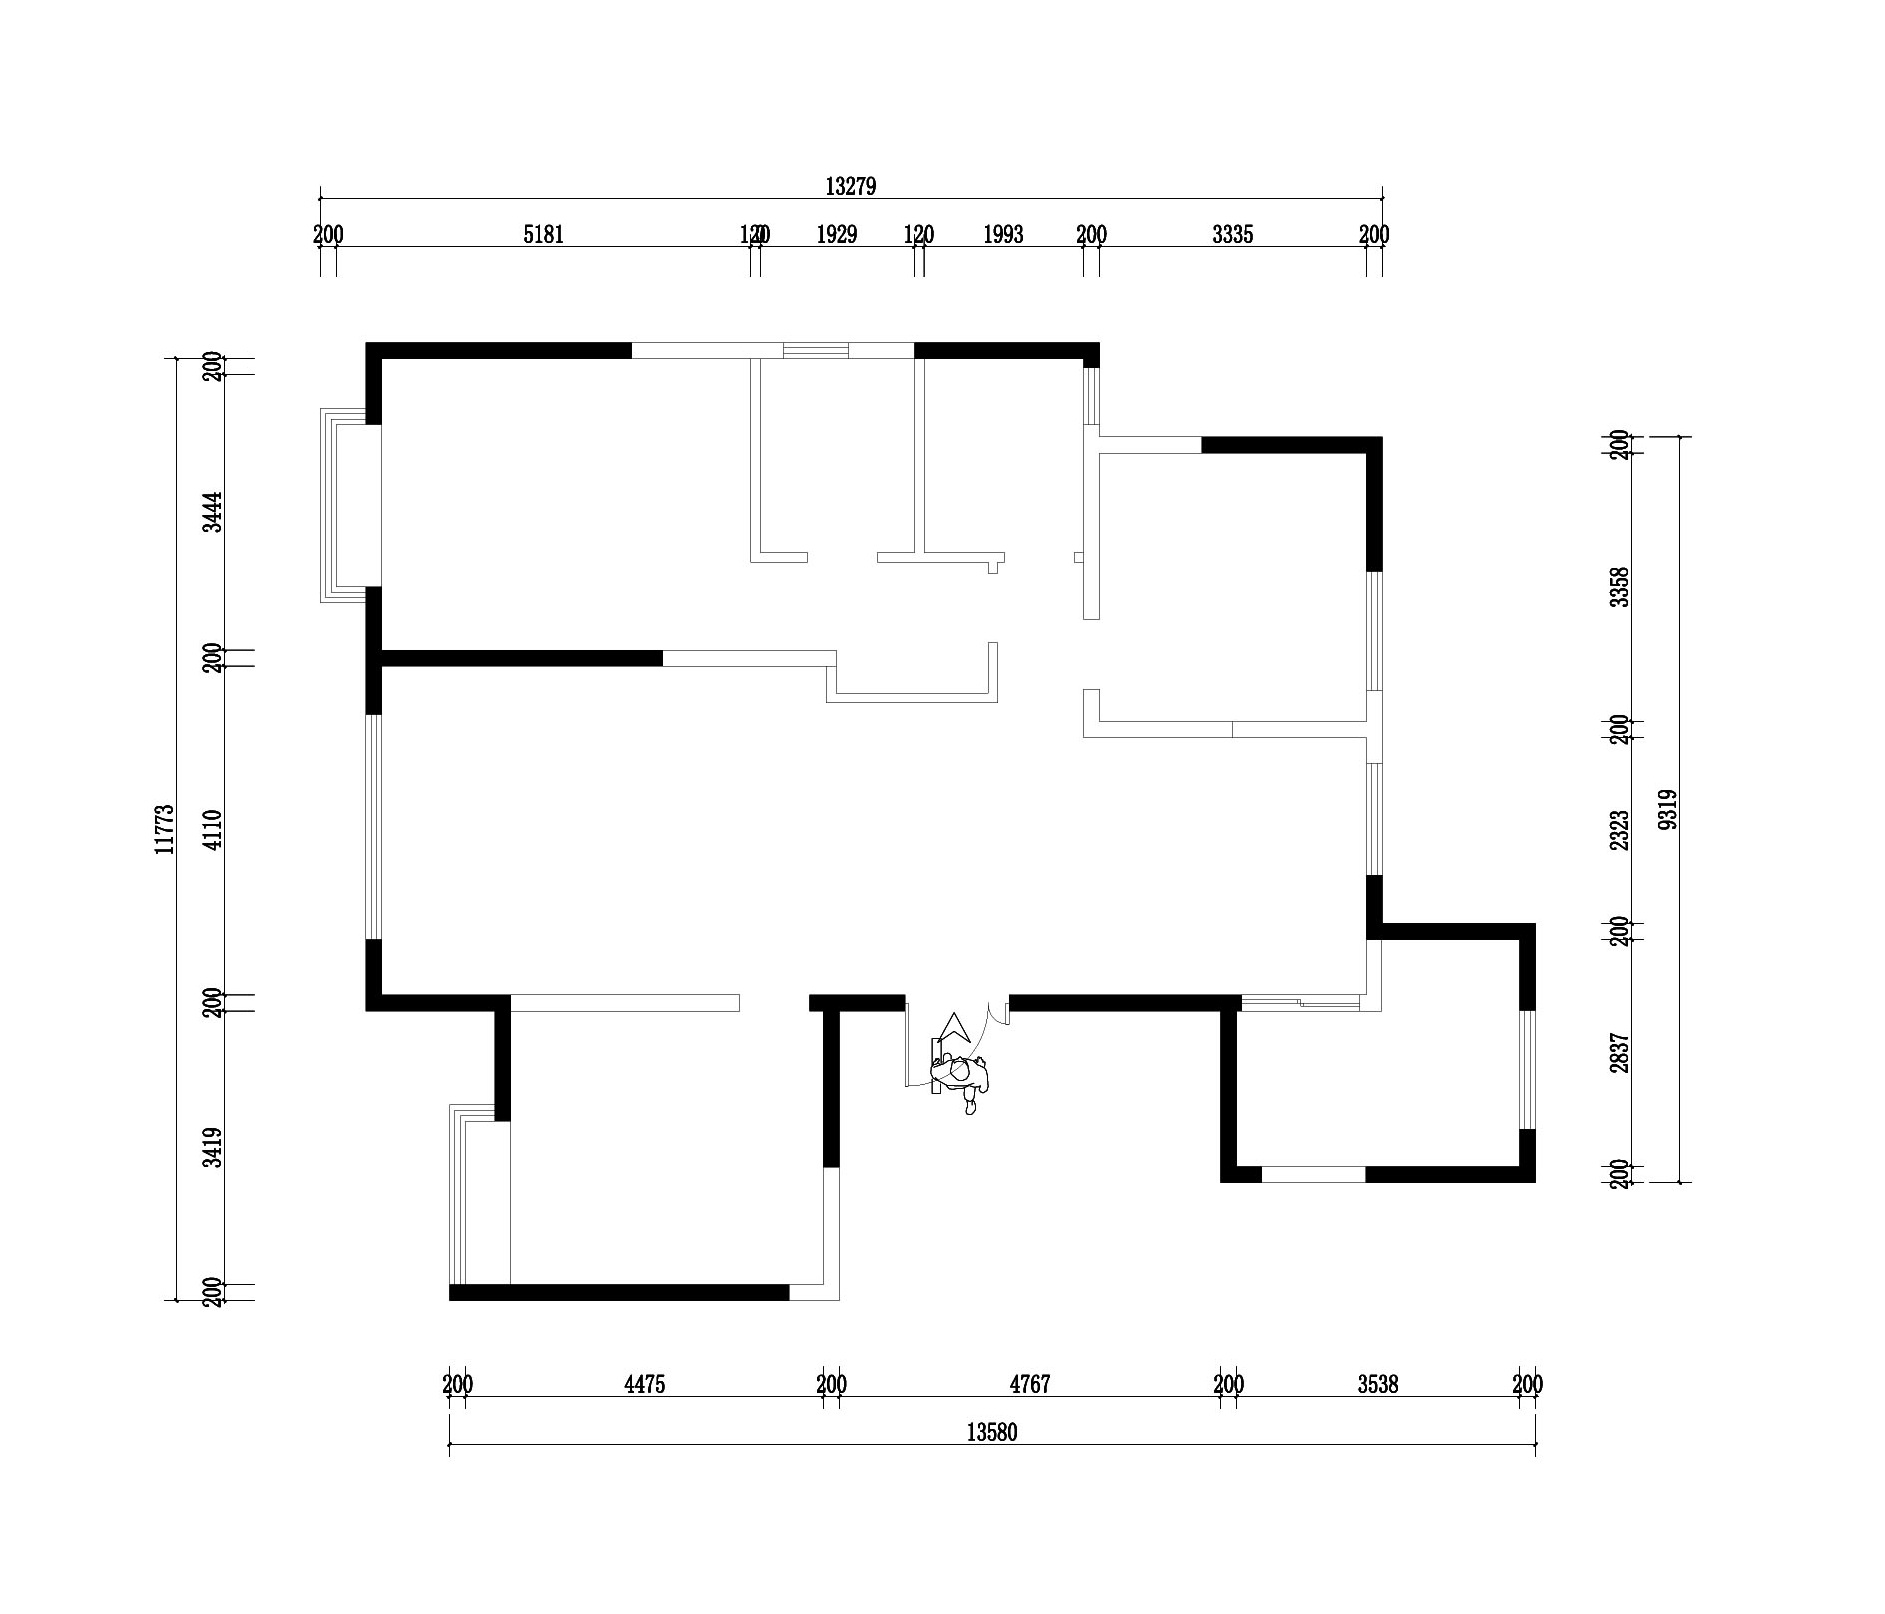 蓝岸丽舍 现代简约 128平米装修设计理念